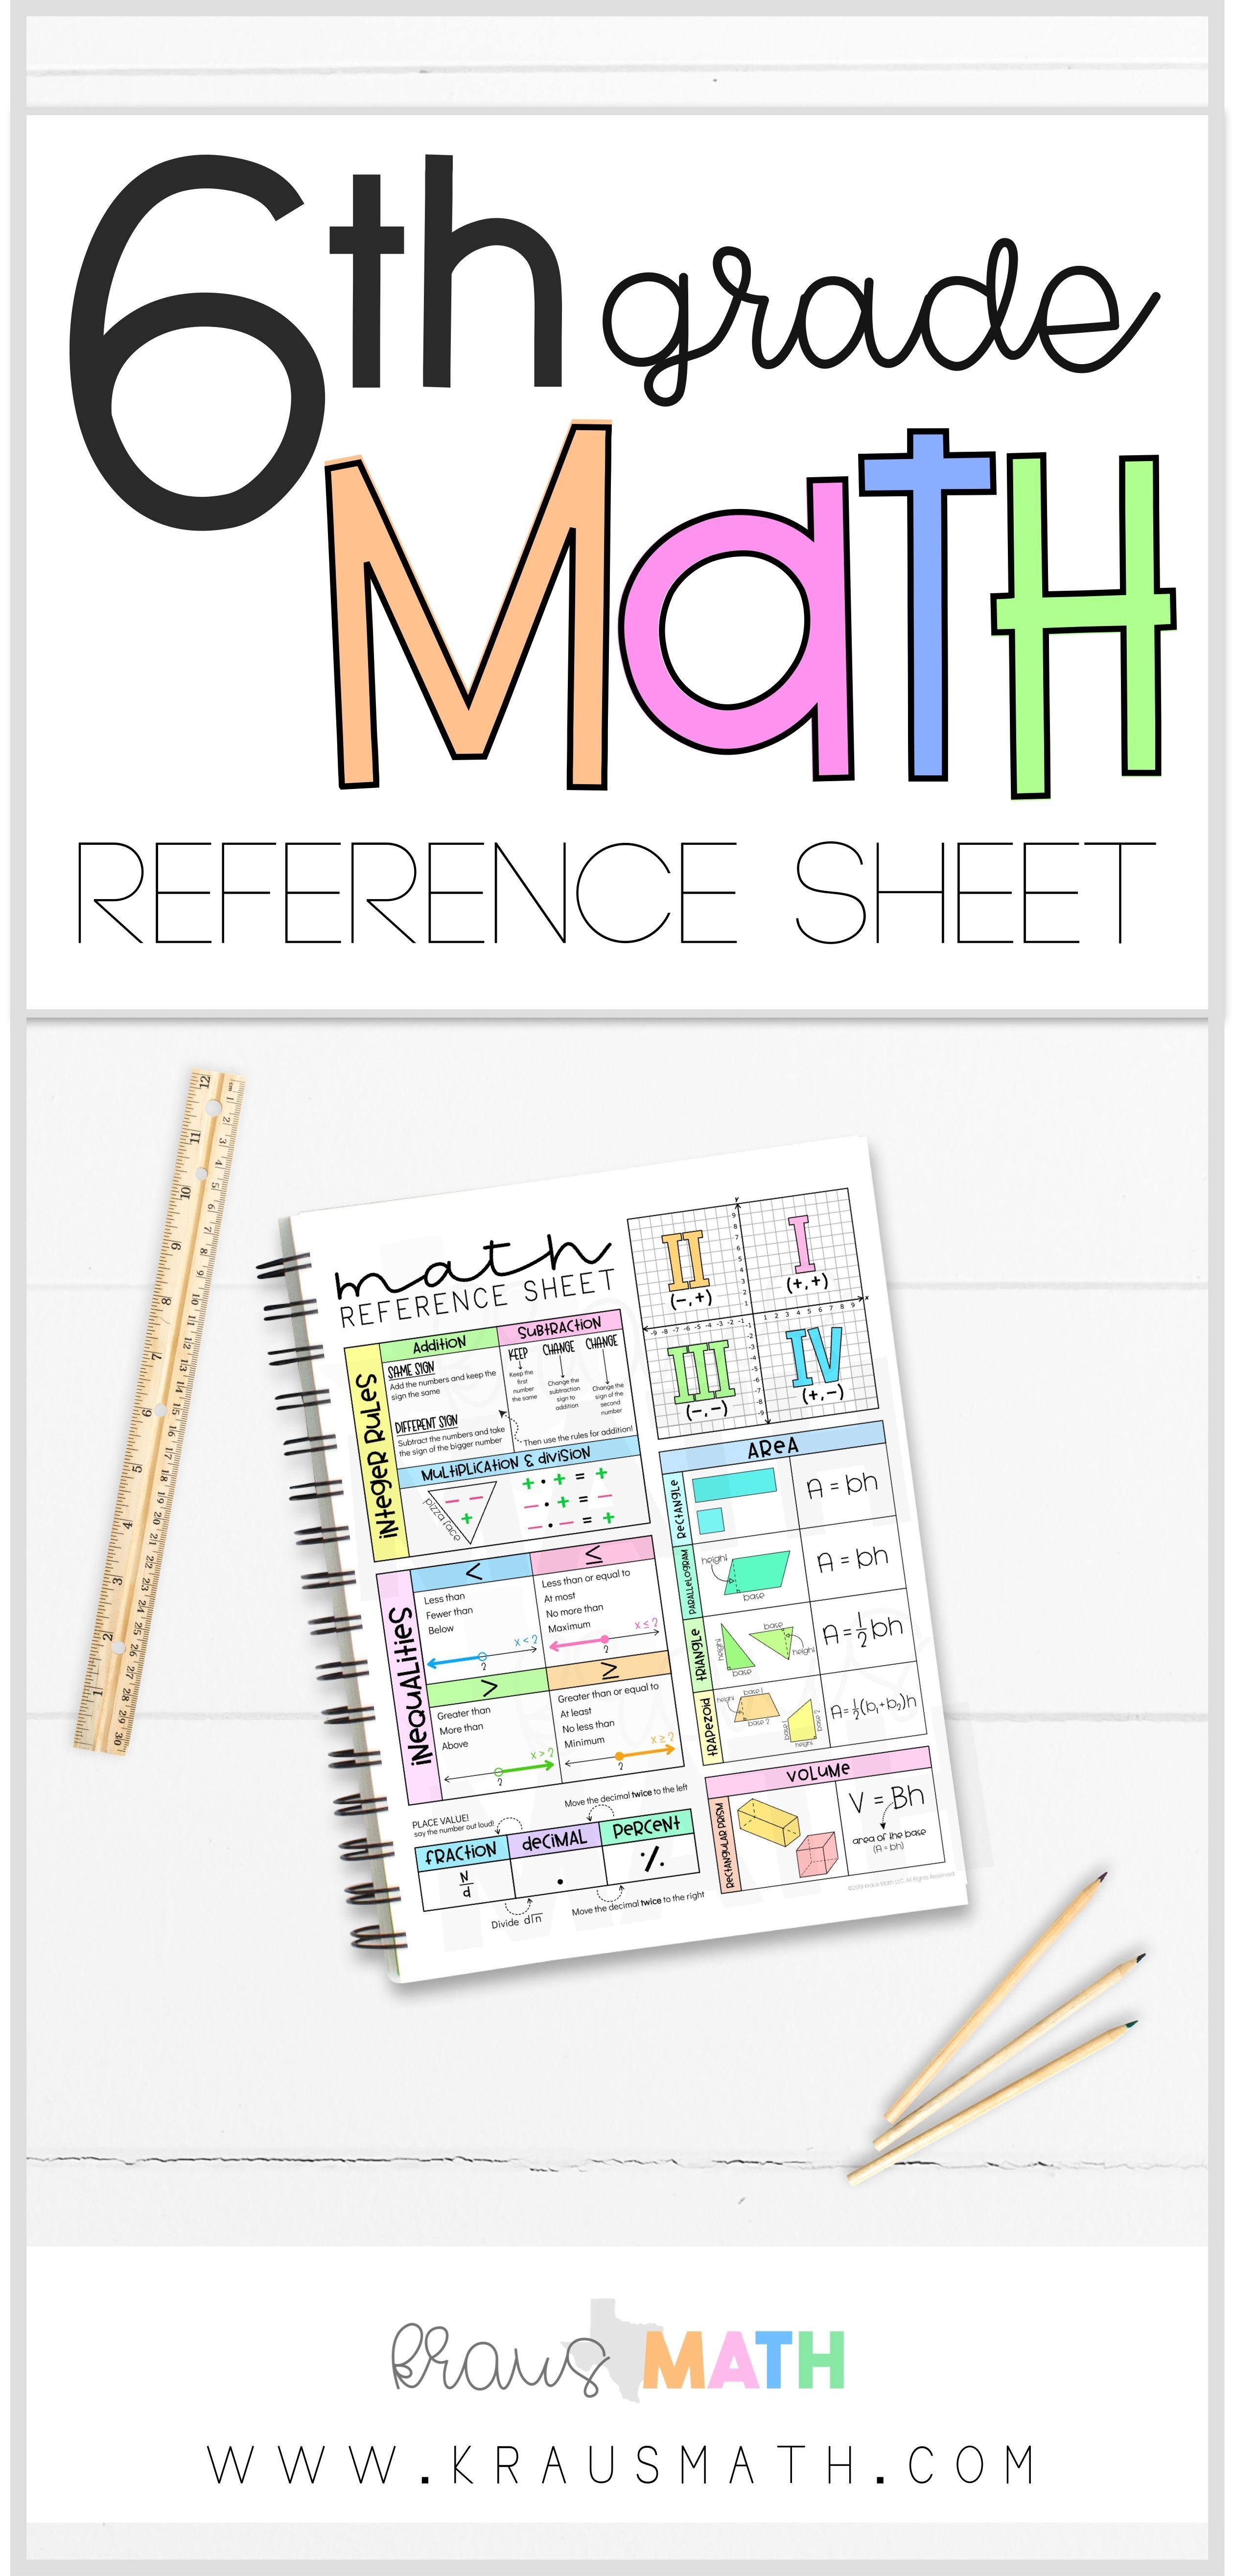 6th Grade Math Reference Sheet Kraus Math Math Reference Sheet Teaching 6th Grade Math Interactive Notebook [ 5263 x 2523 Pixel ]